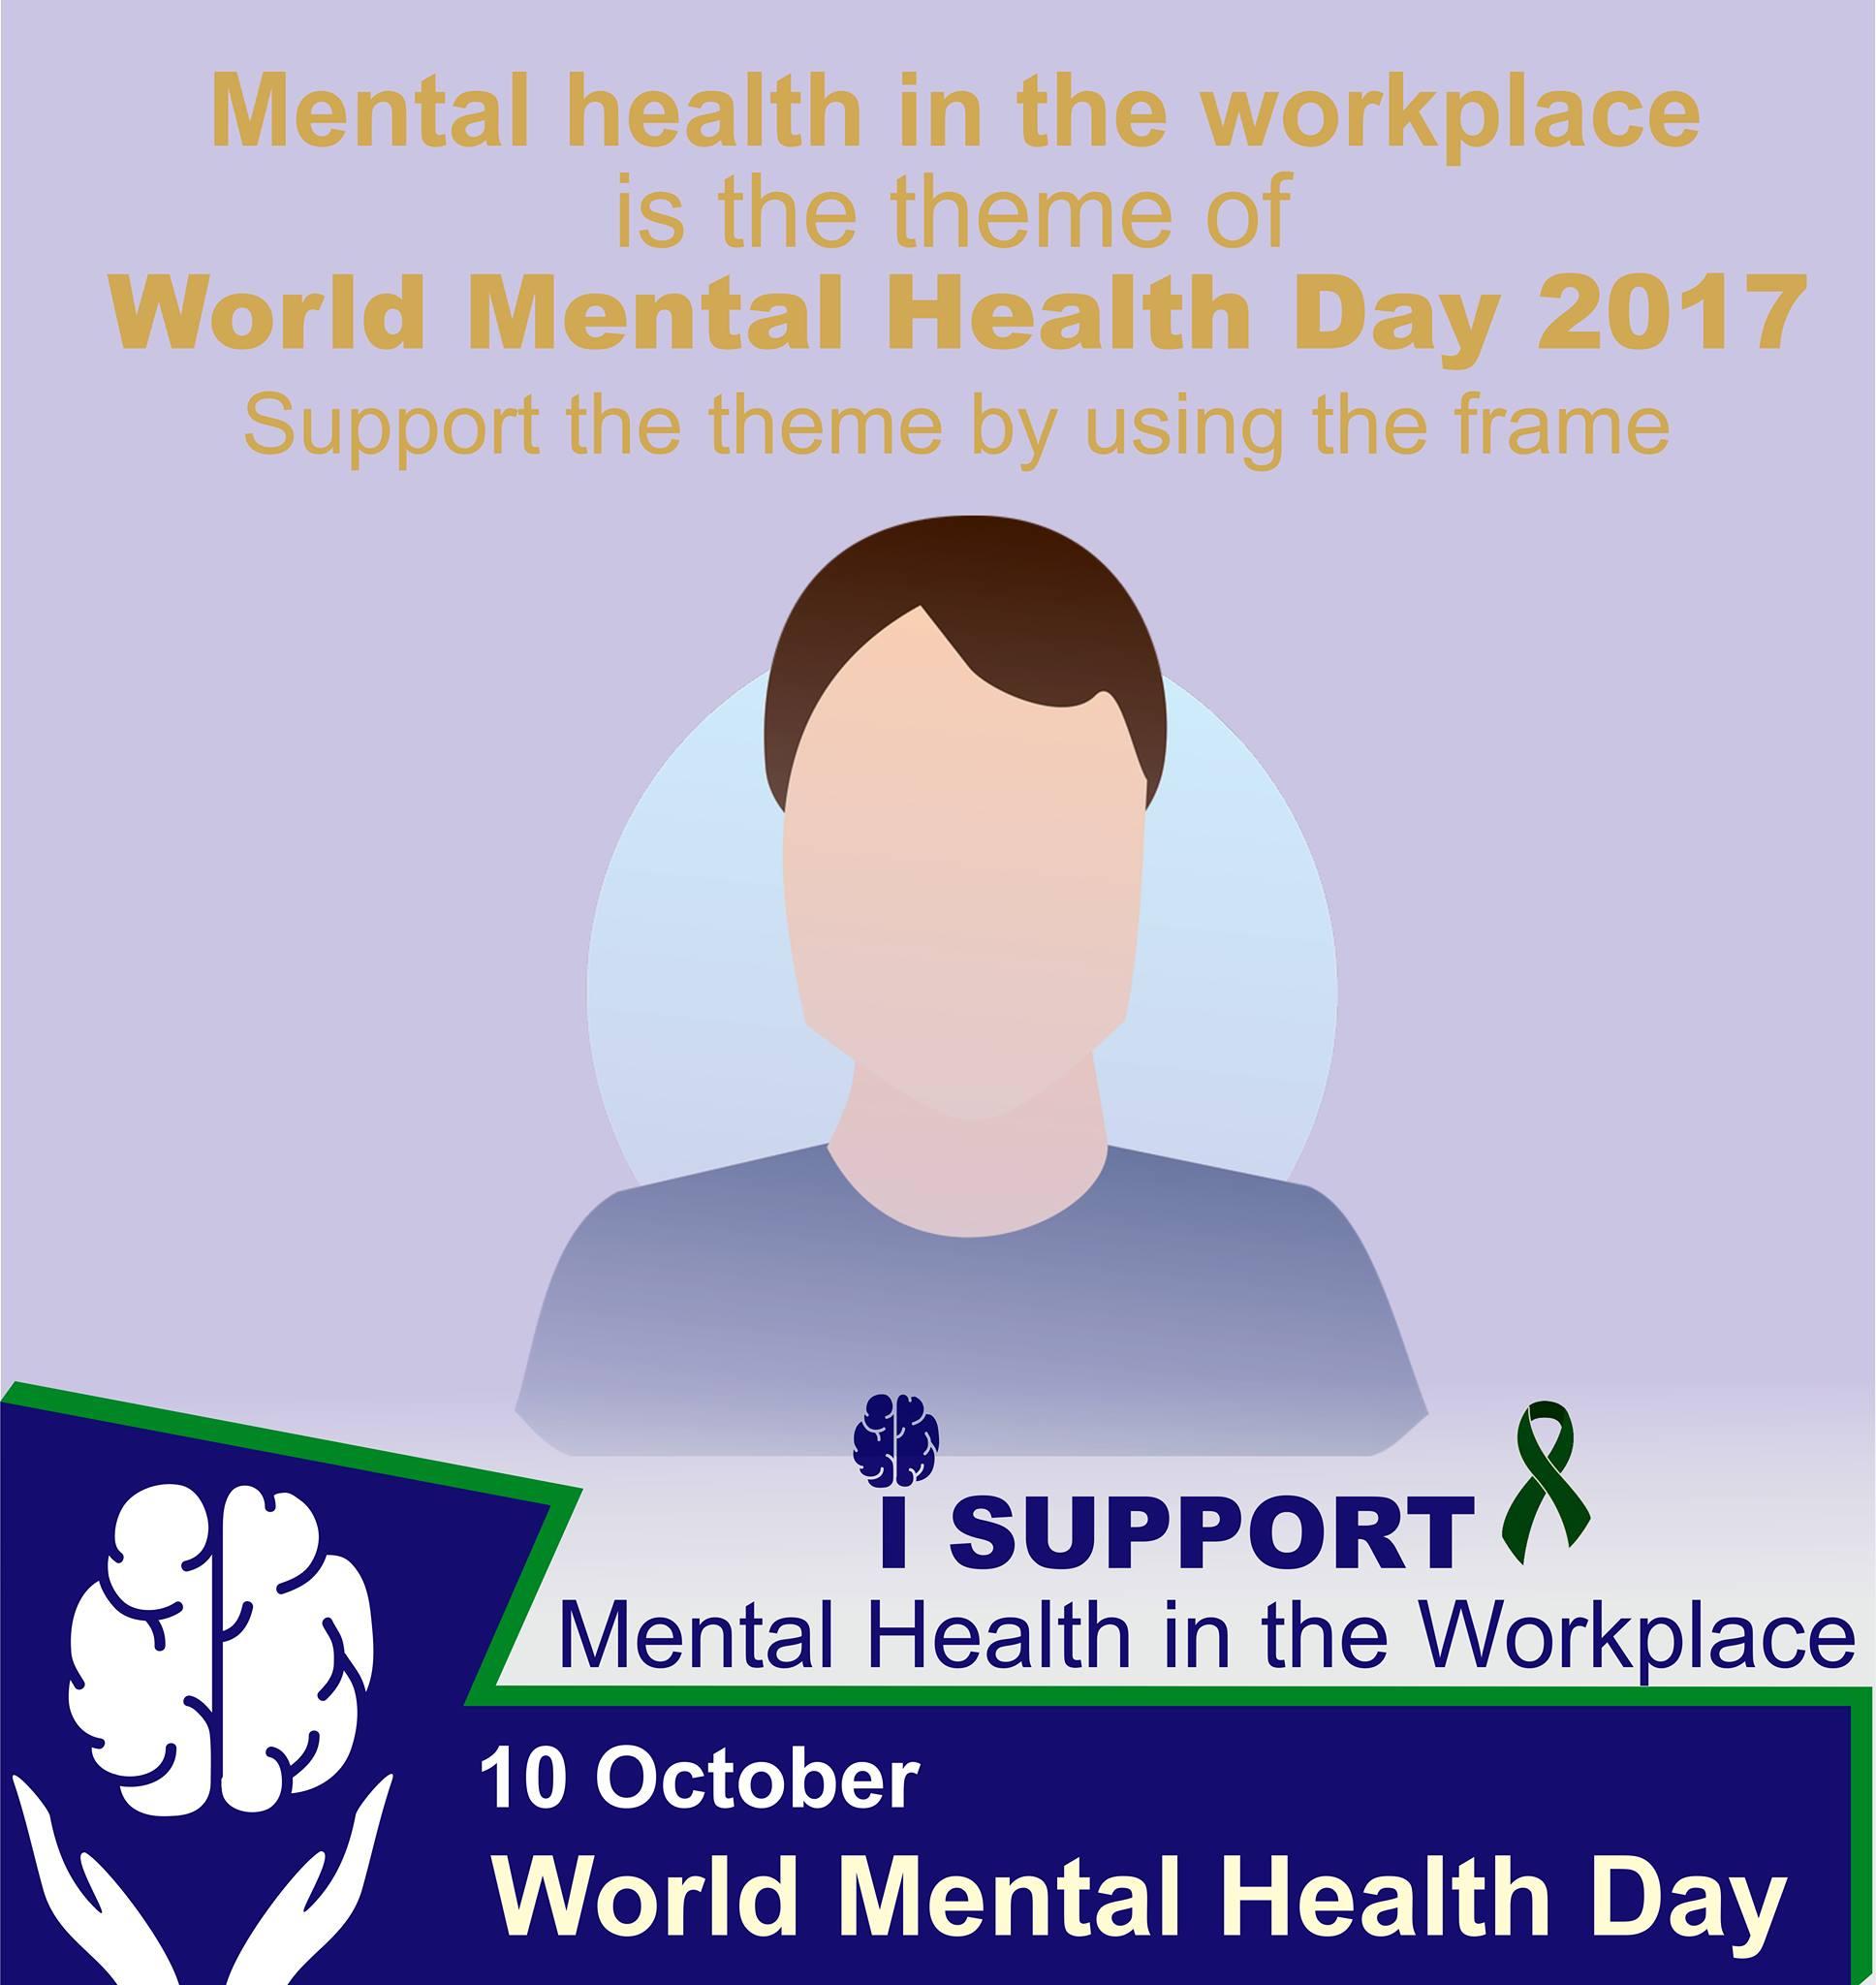 יום המודעות הבינלאומי לבריאות הנפש